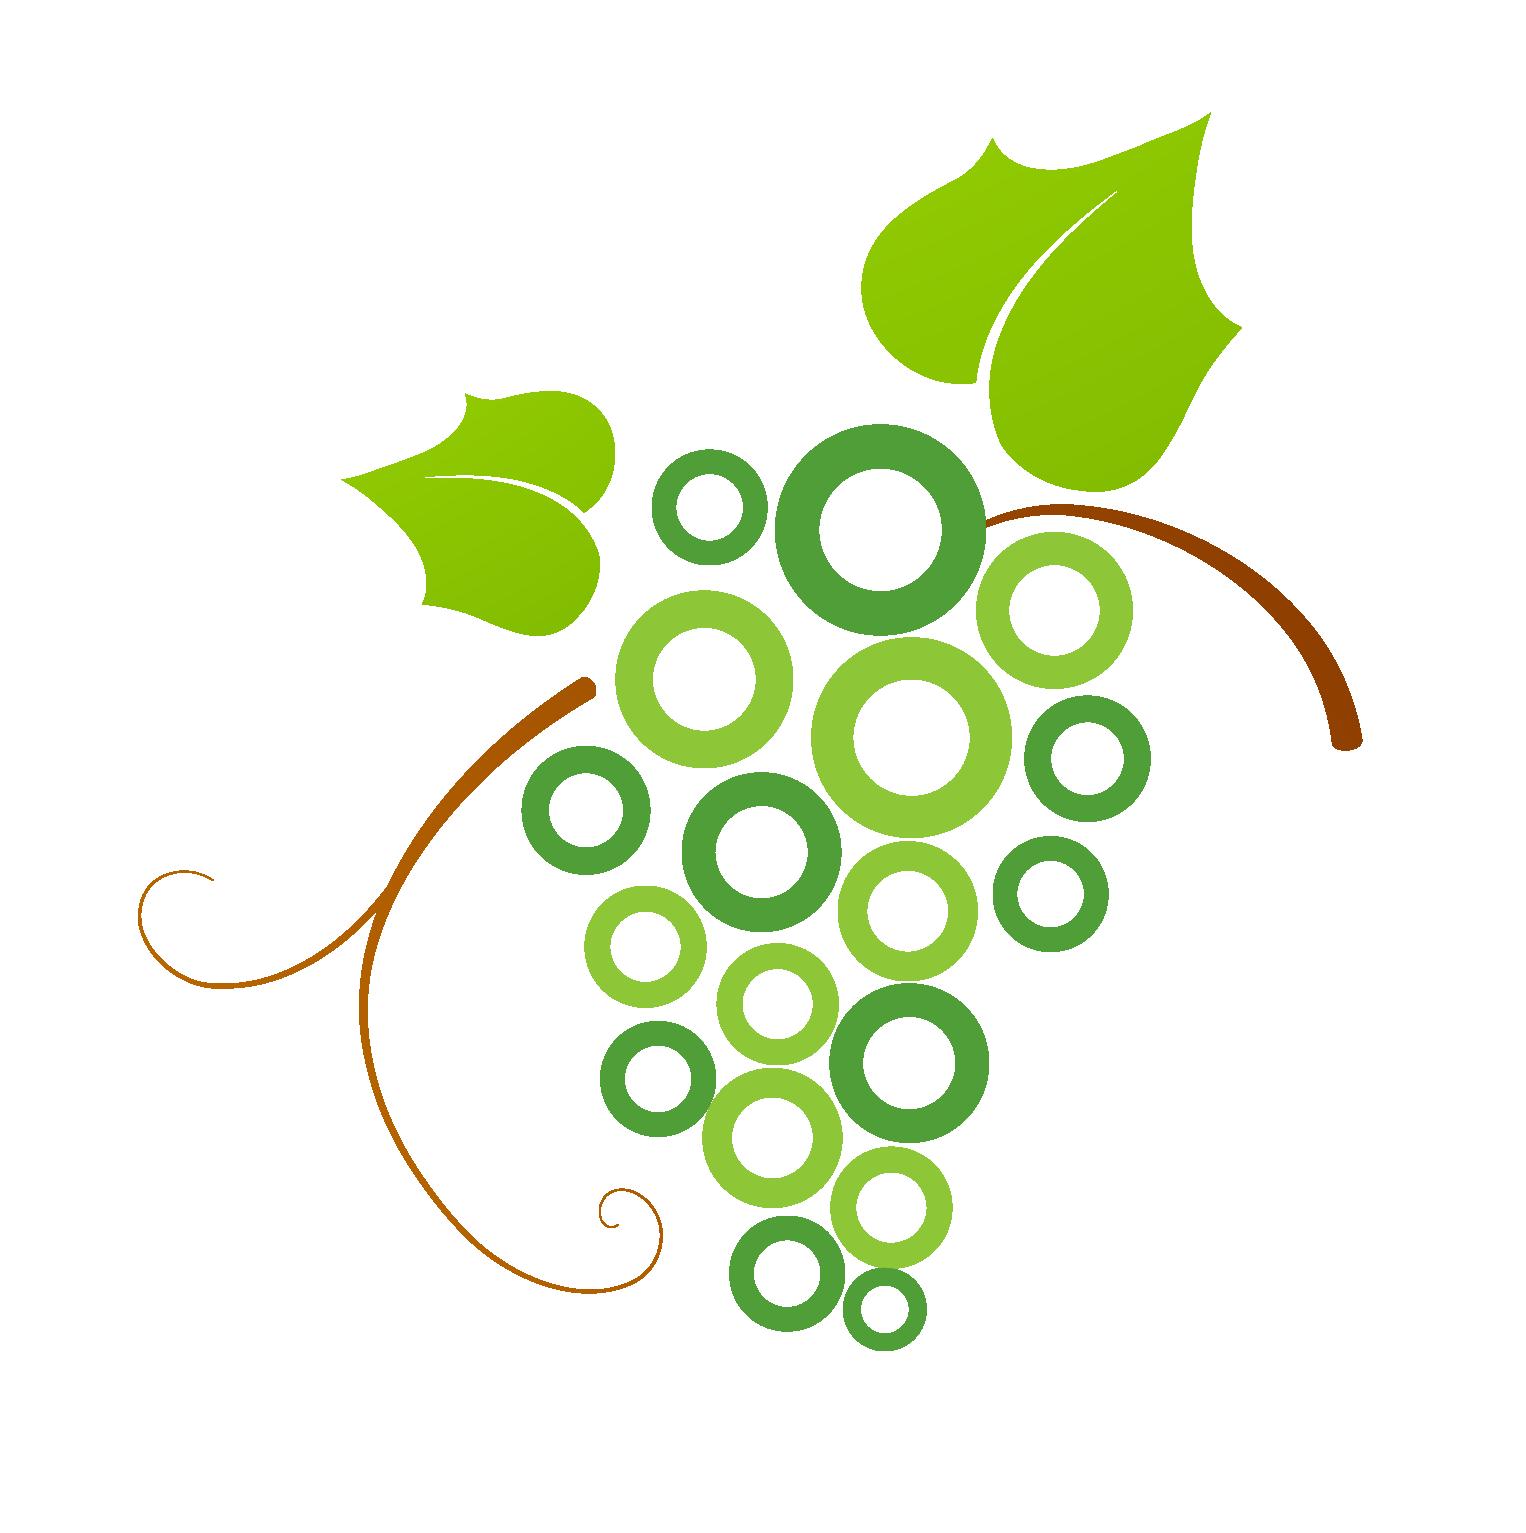 Grapes clipart watermelon vine. Logo common grape green